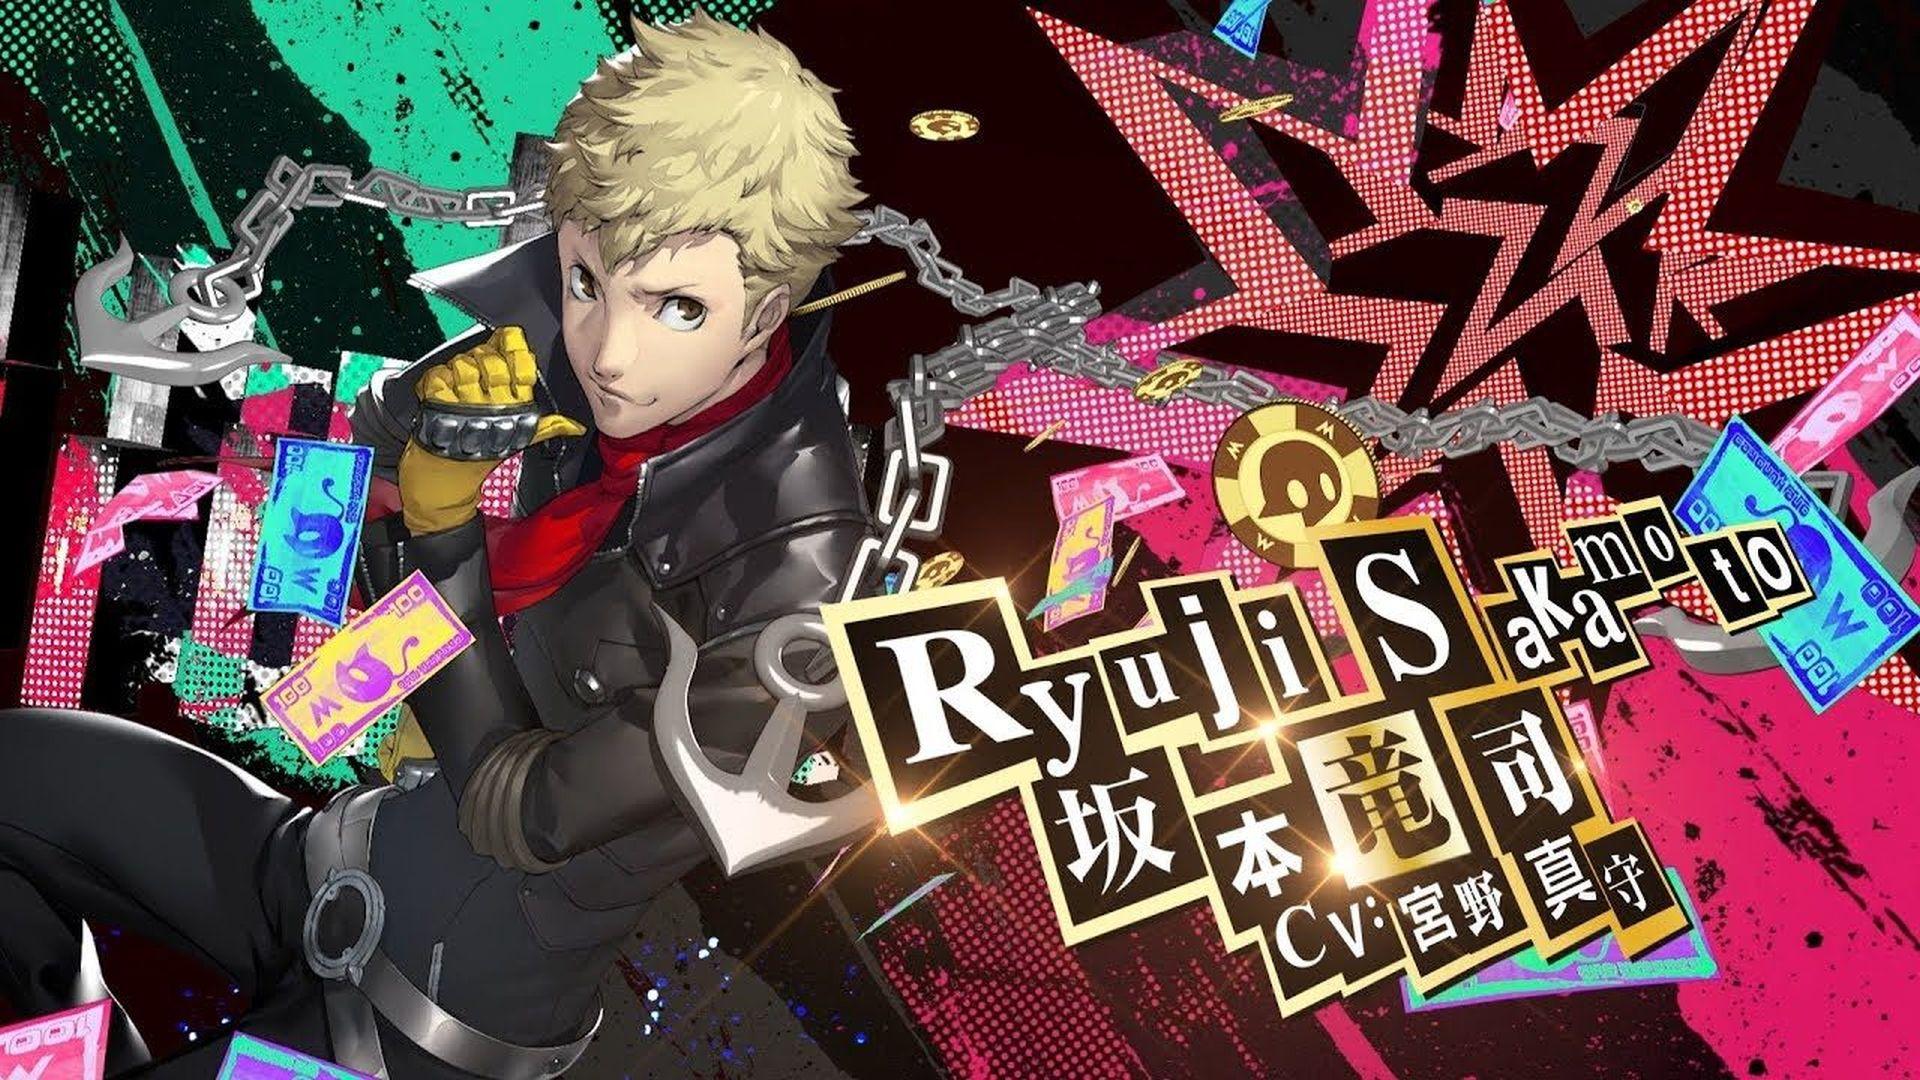 Persona 5 Scramble_Ryuji